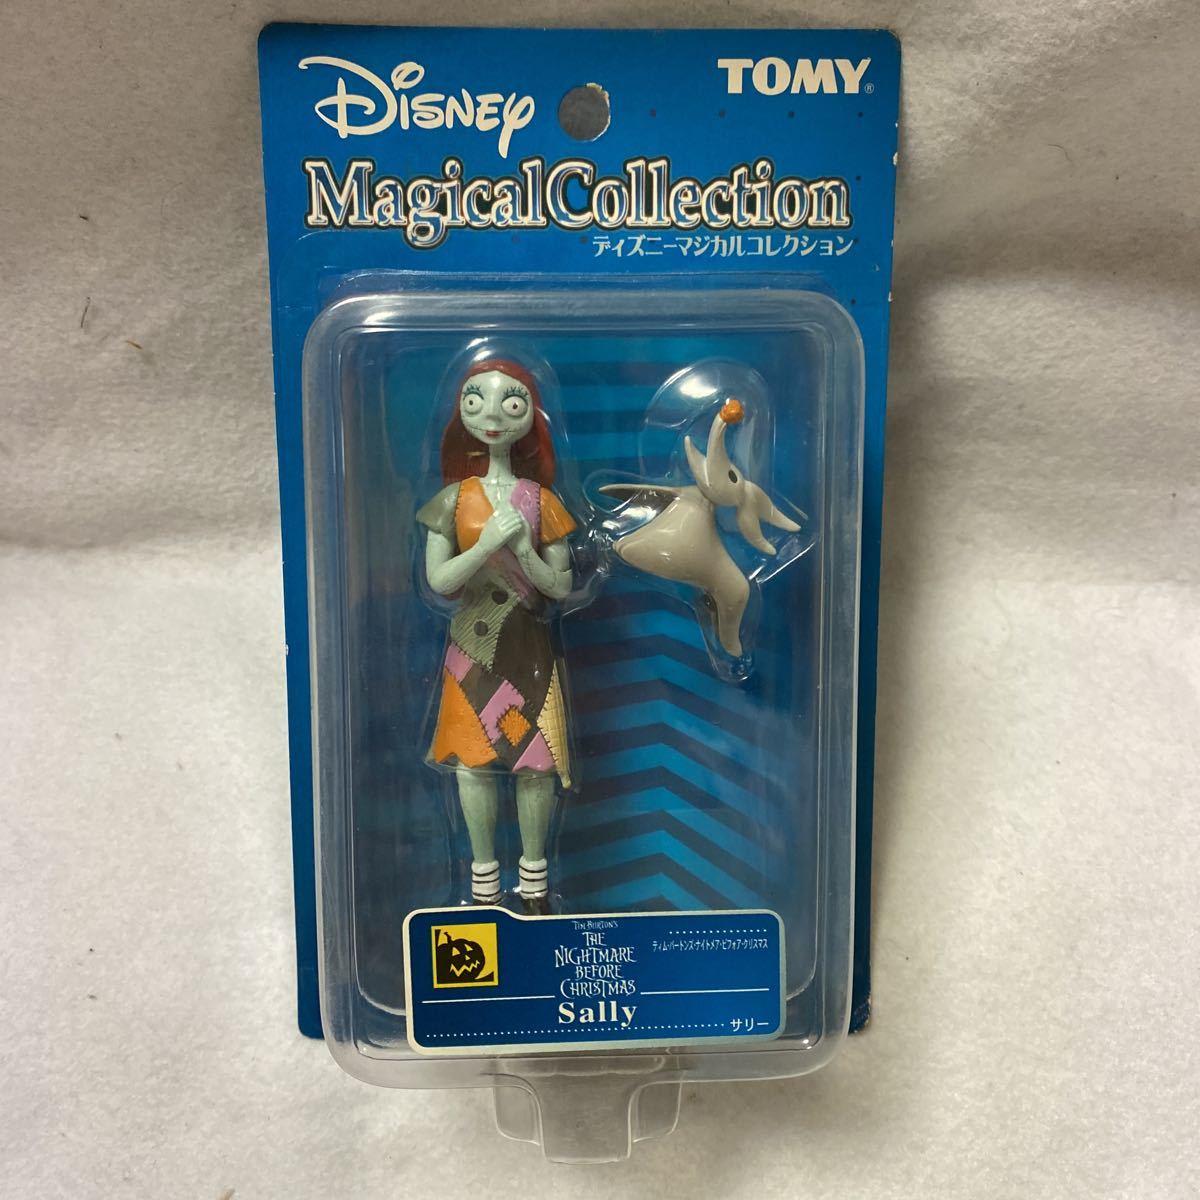 ディズニー マジカル コレクション テイムバートンズ ナイトメア ビフォア クリスマス サリー ゼロ フィギュア TOMY Disney トミー_画像1